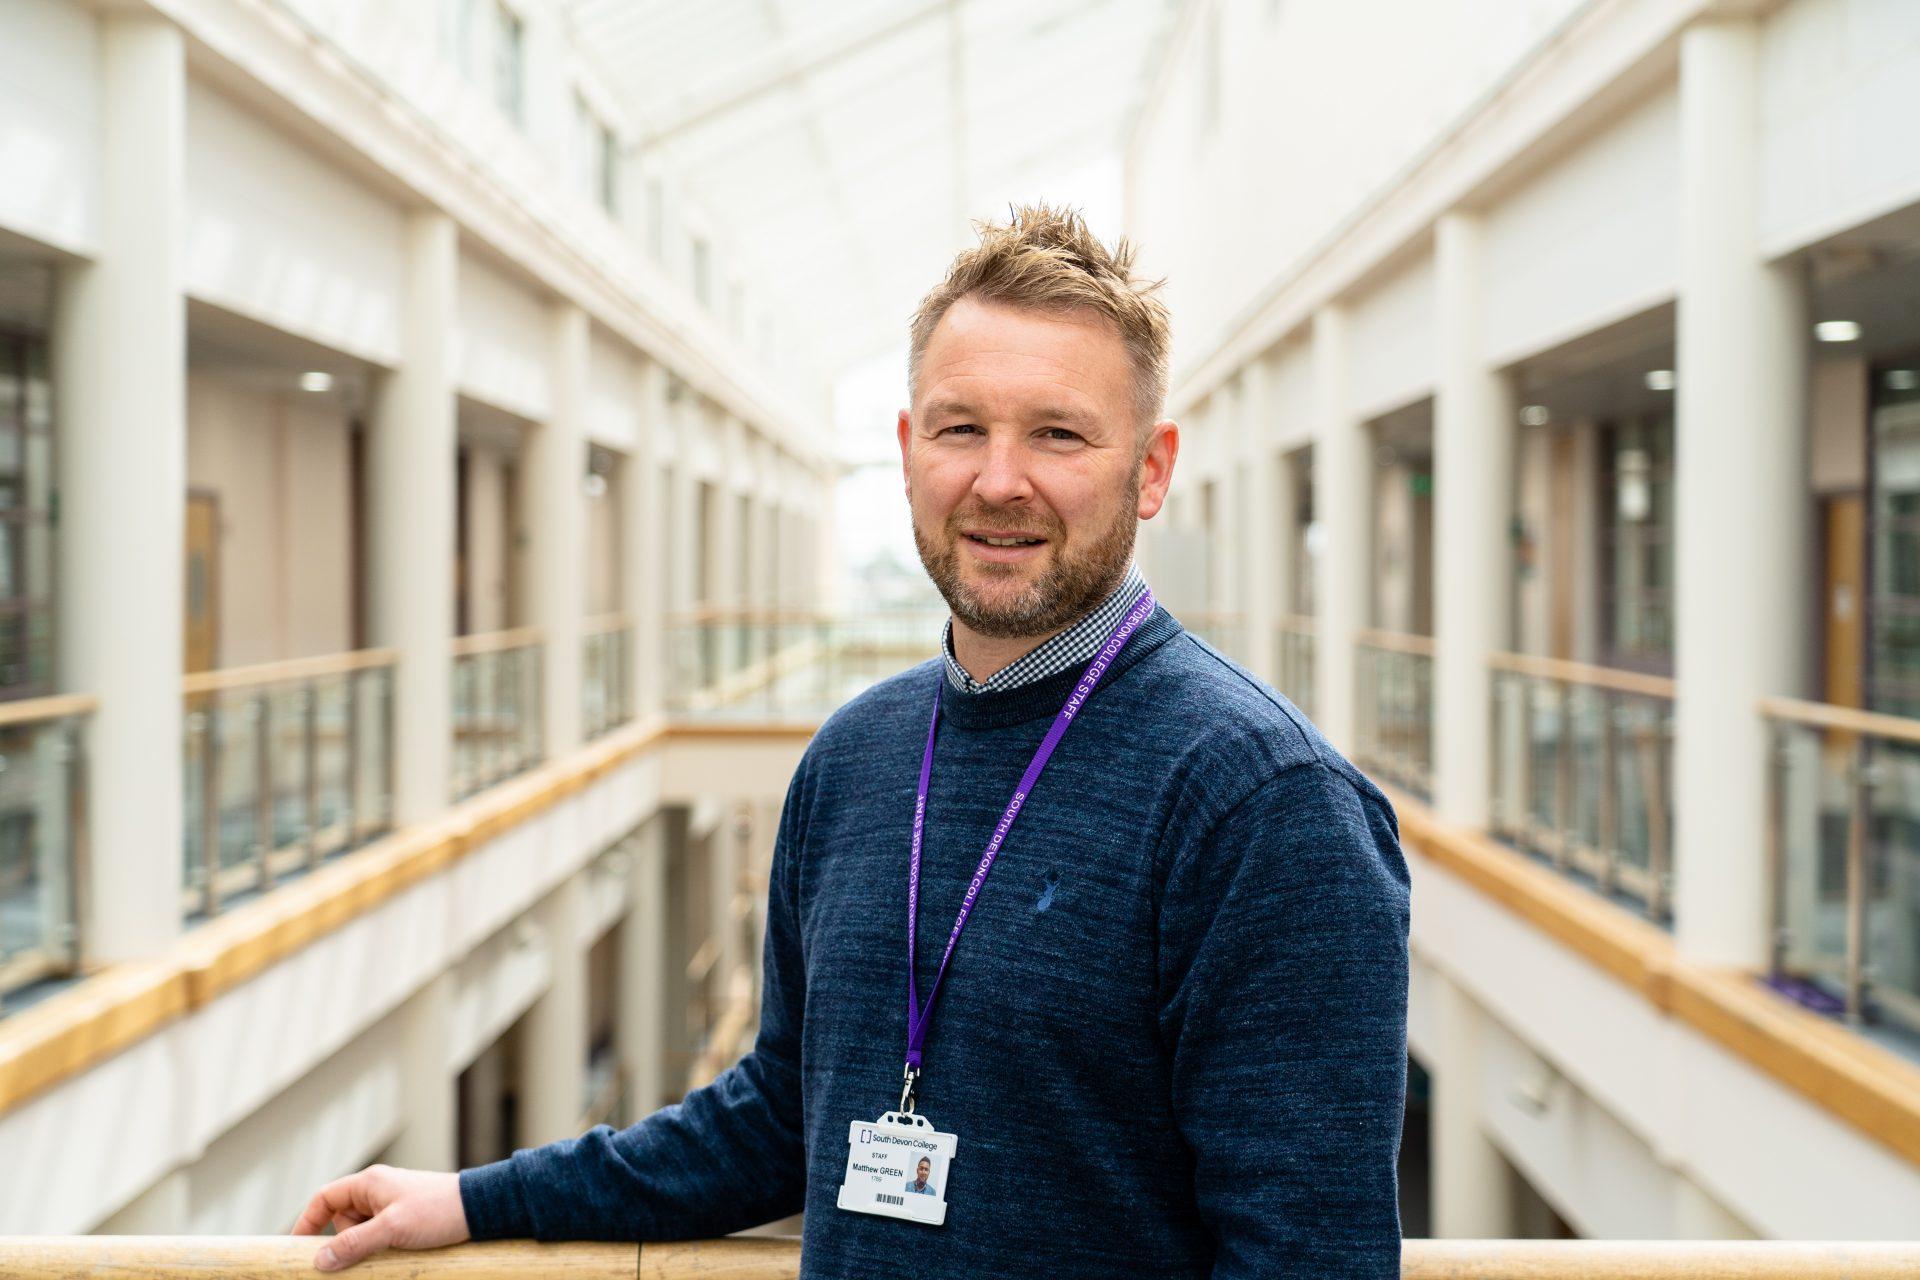 Sustainability Lead, Matt Green